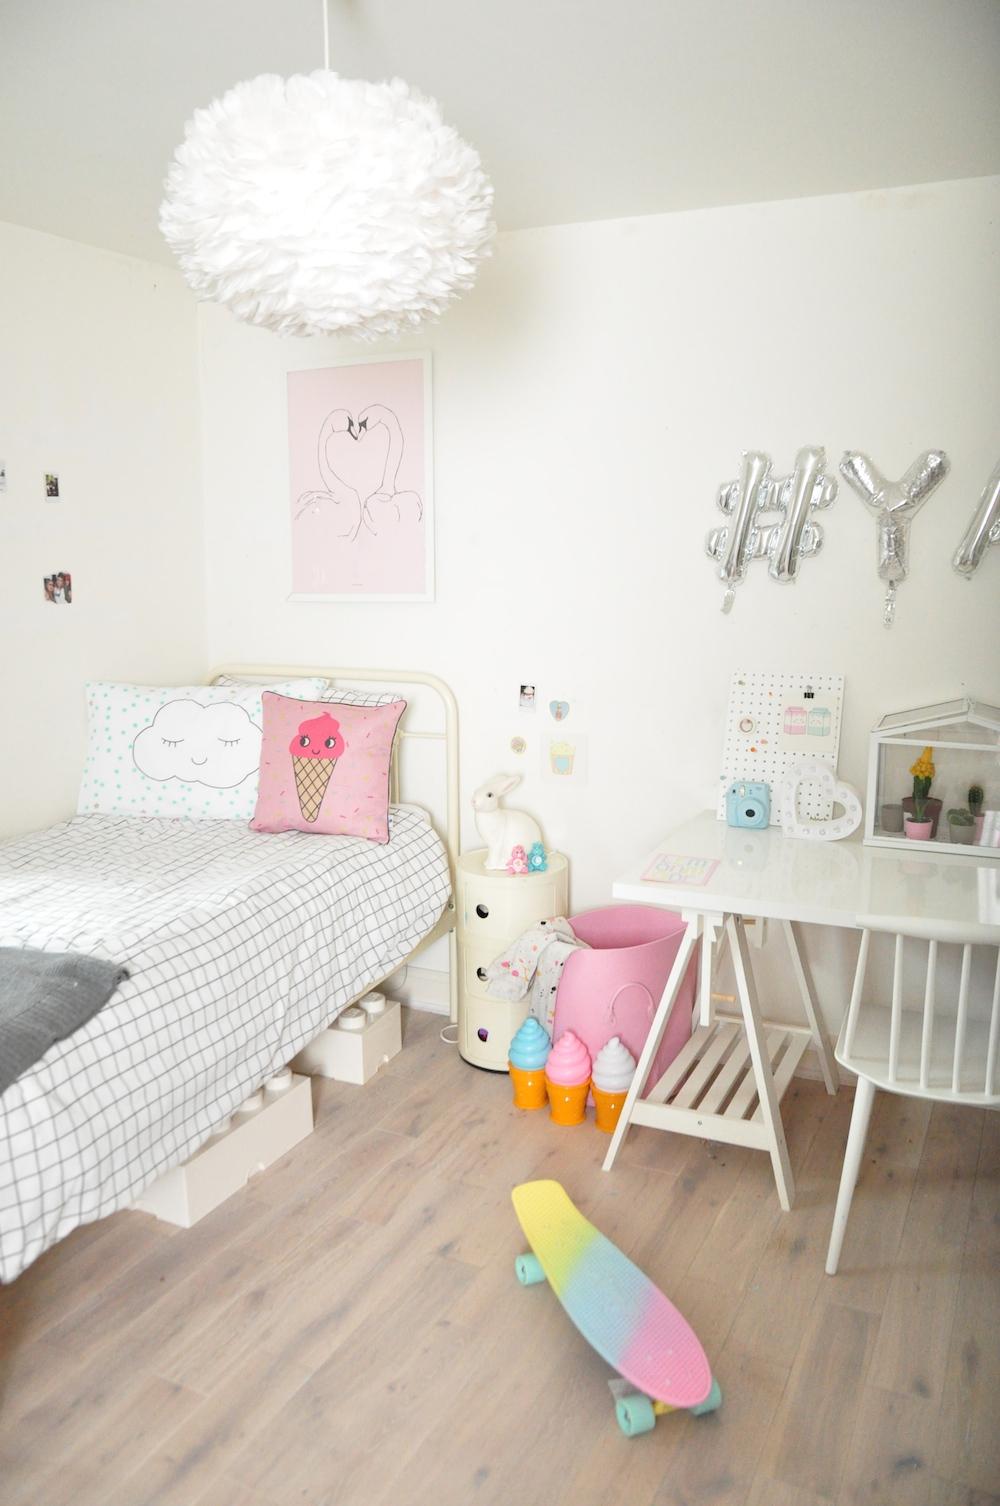 Atelier_Child_kids_room_ice_Cream